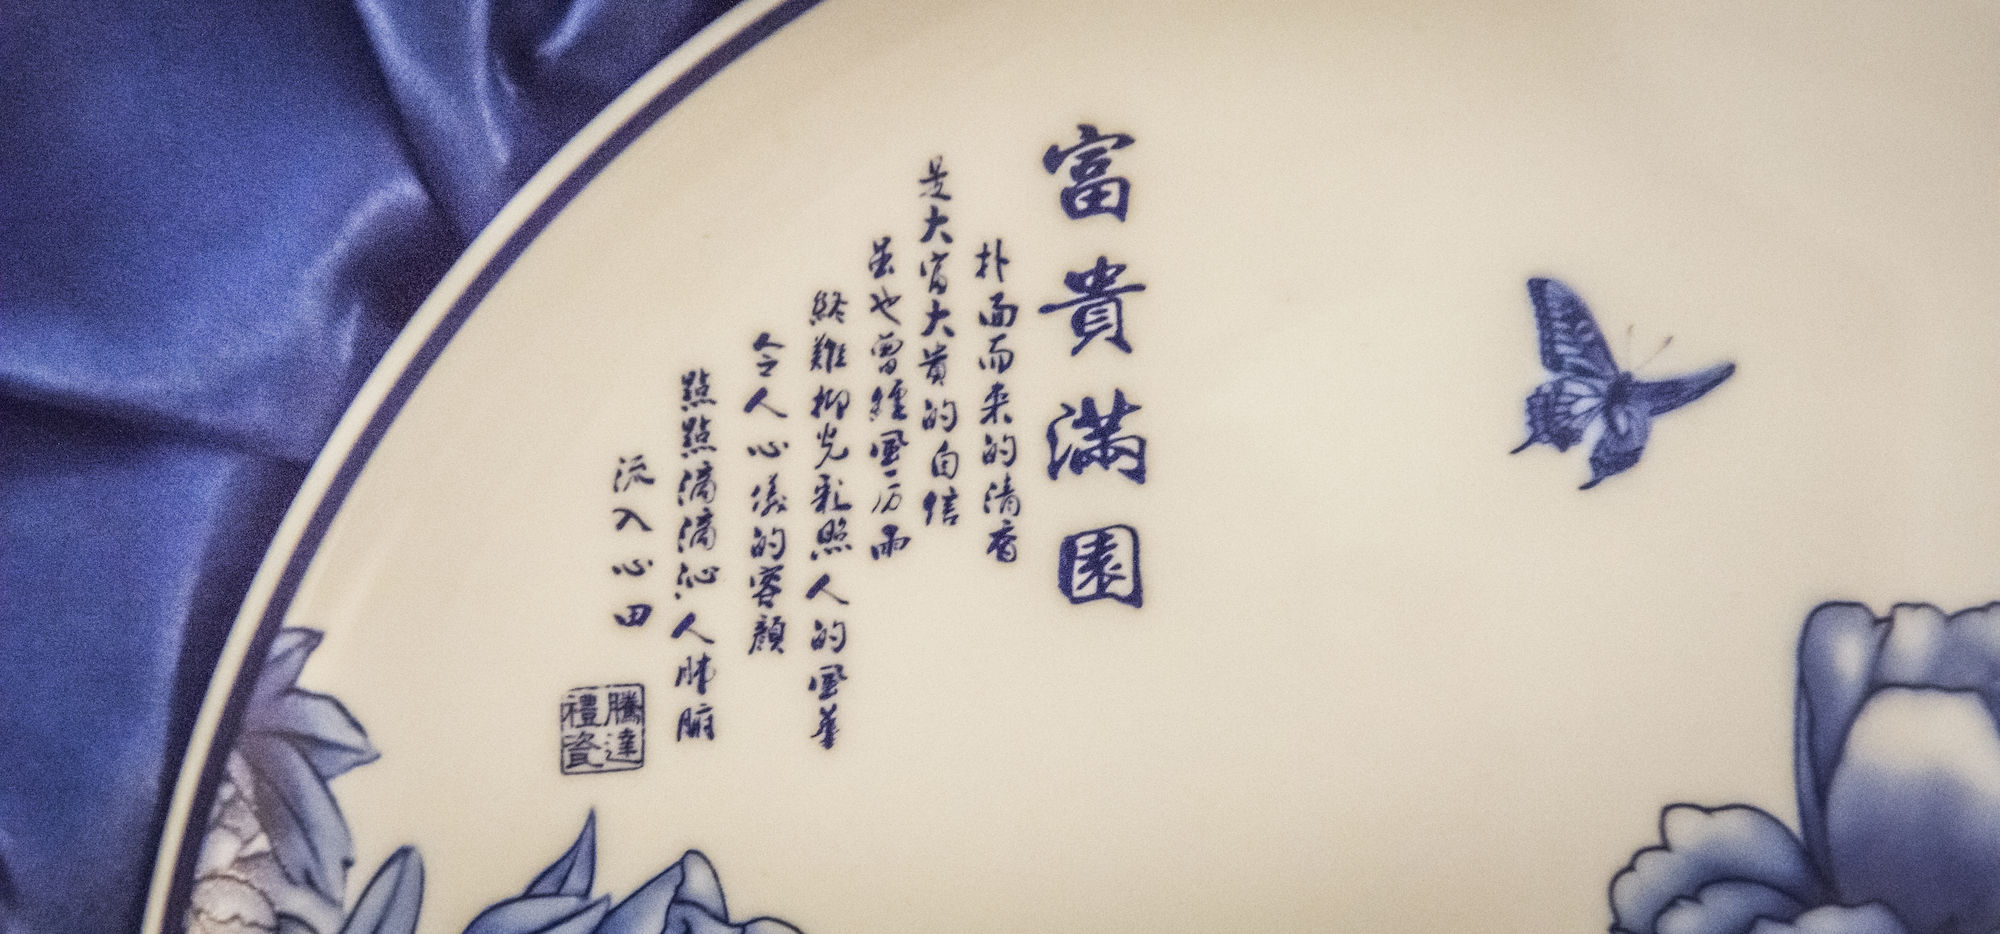 170918-expo-Hebei-24.jpg